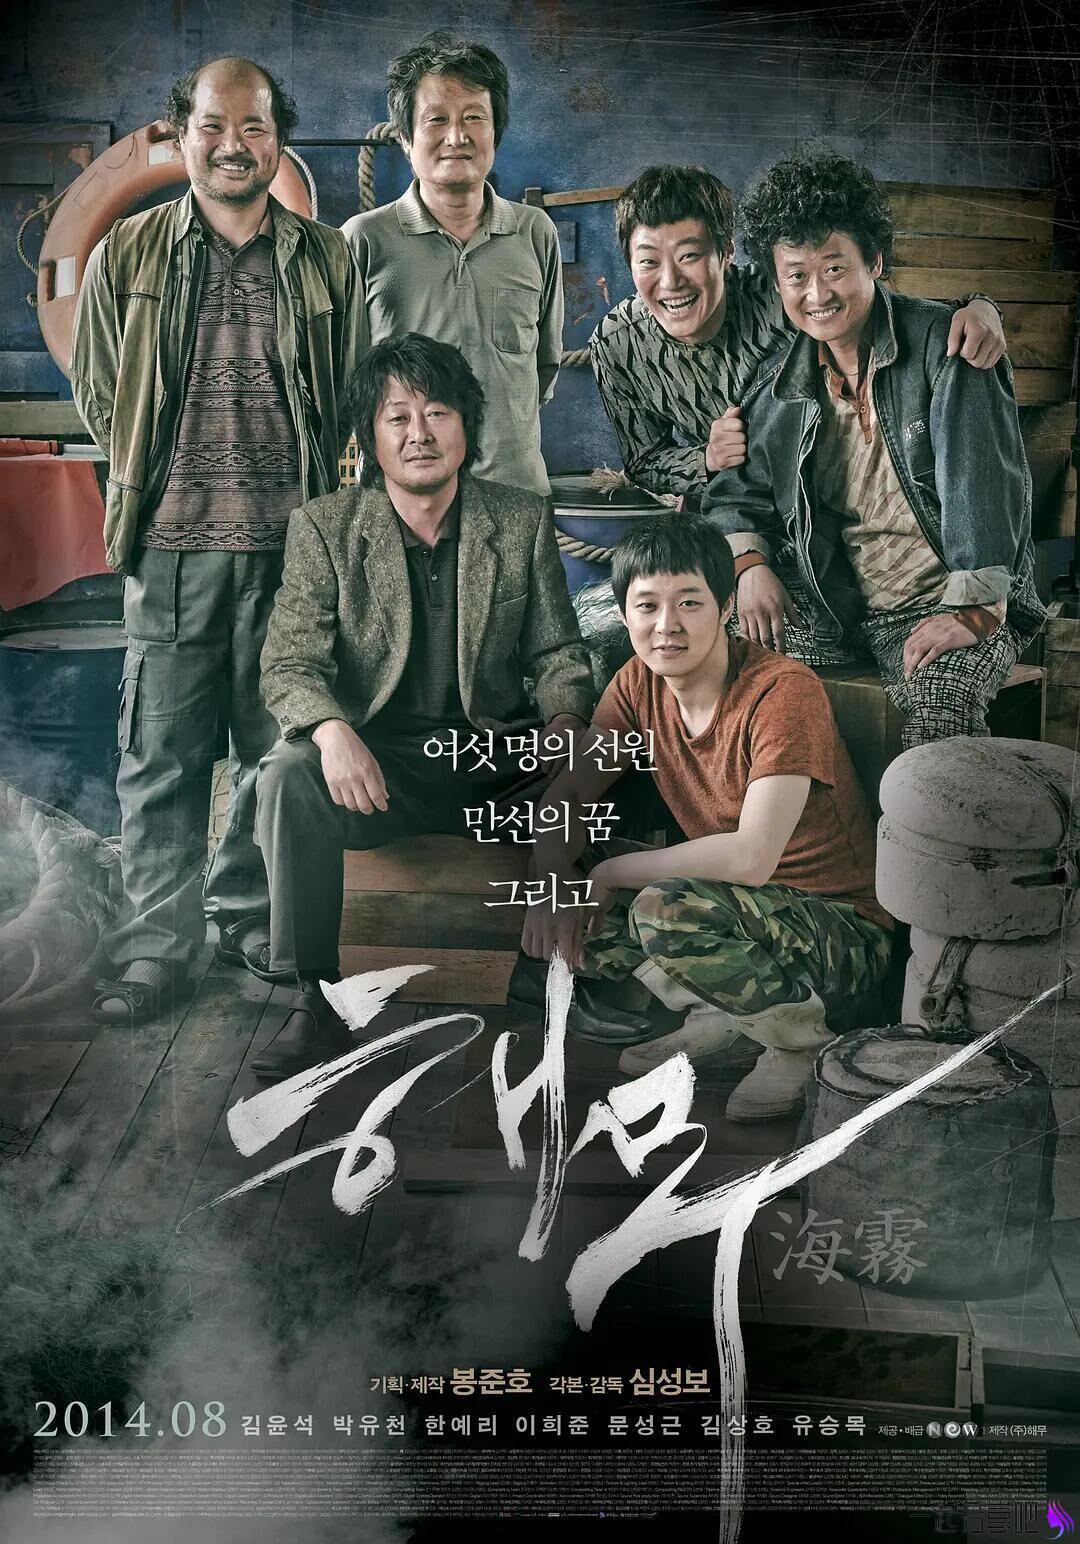 《海雾》BD韩语中字版 根据真实事件改编 第1张